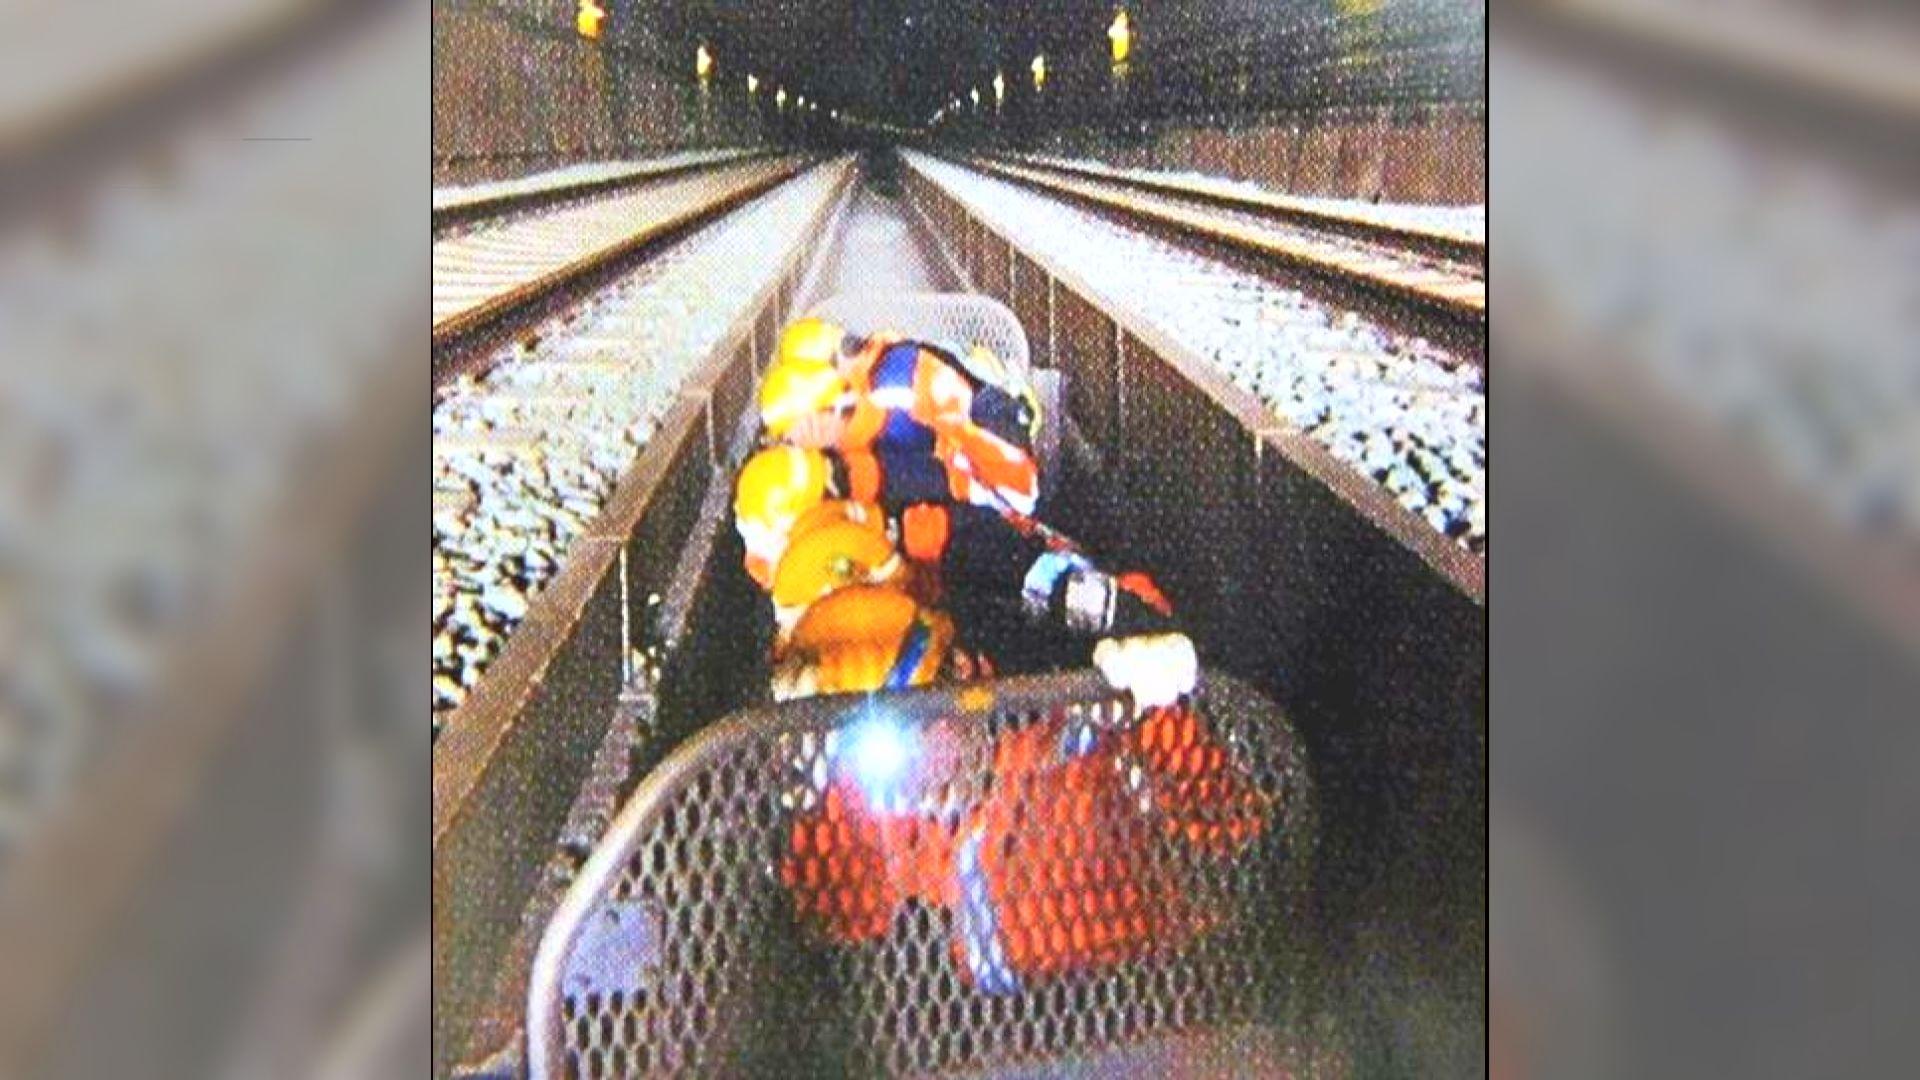 【環球薈報】JR西日本停止隧道內風速體感訓練